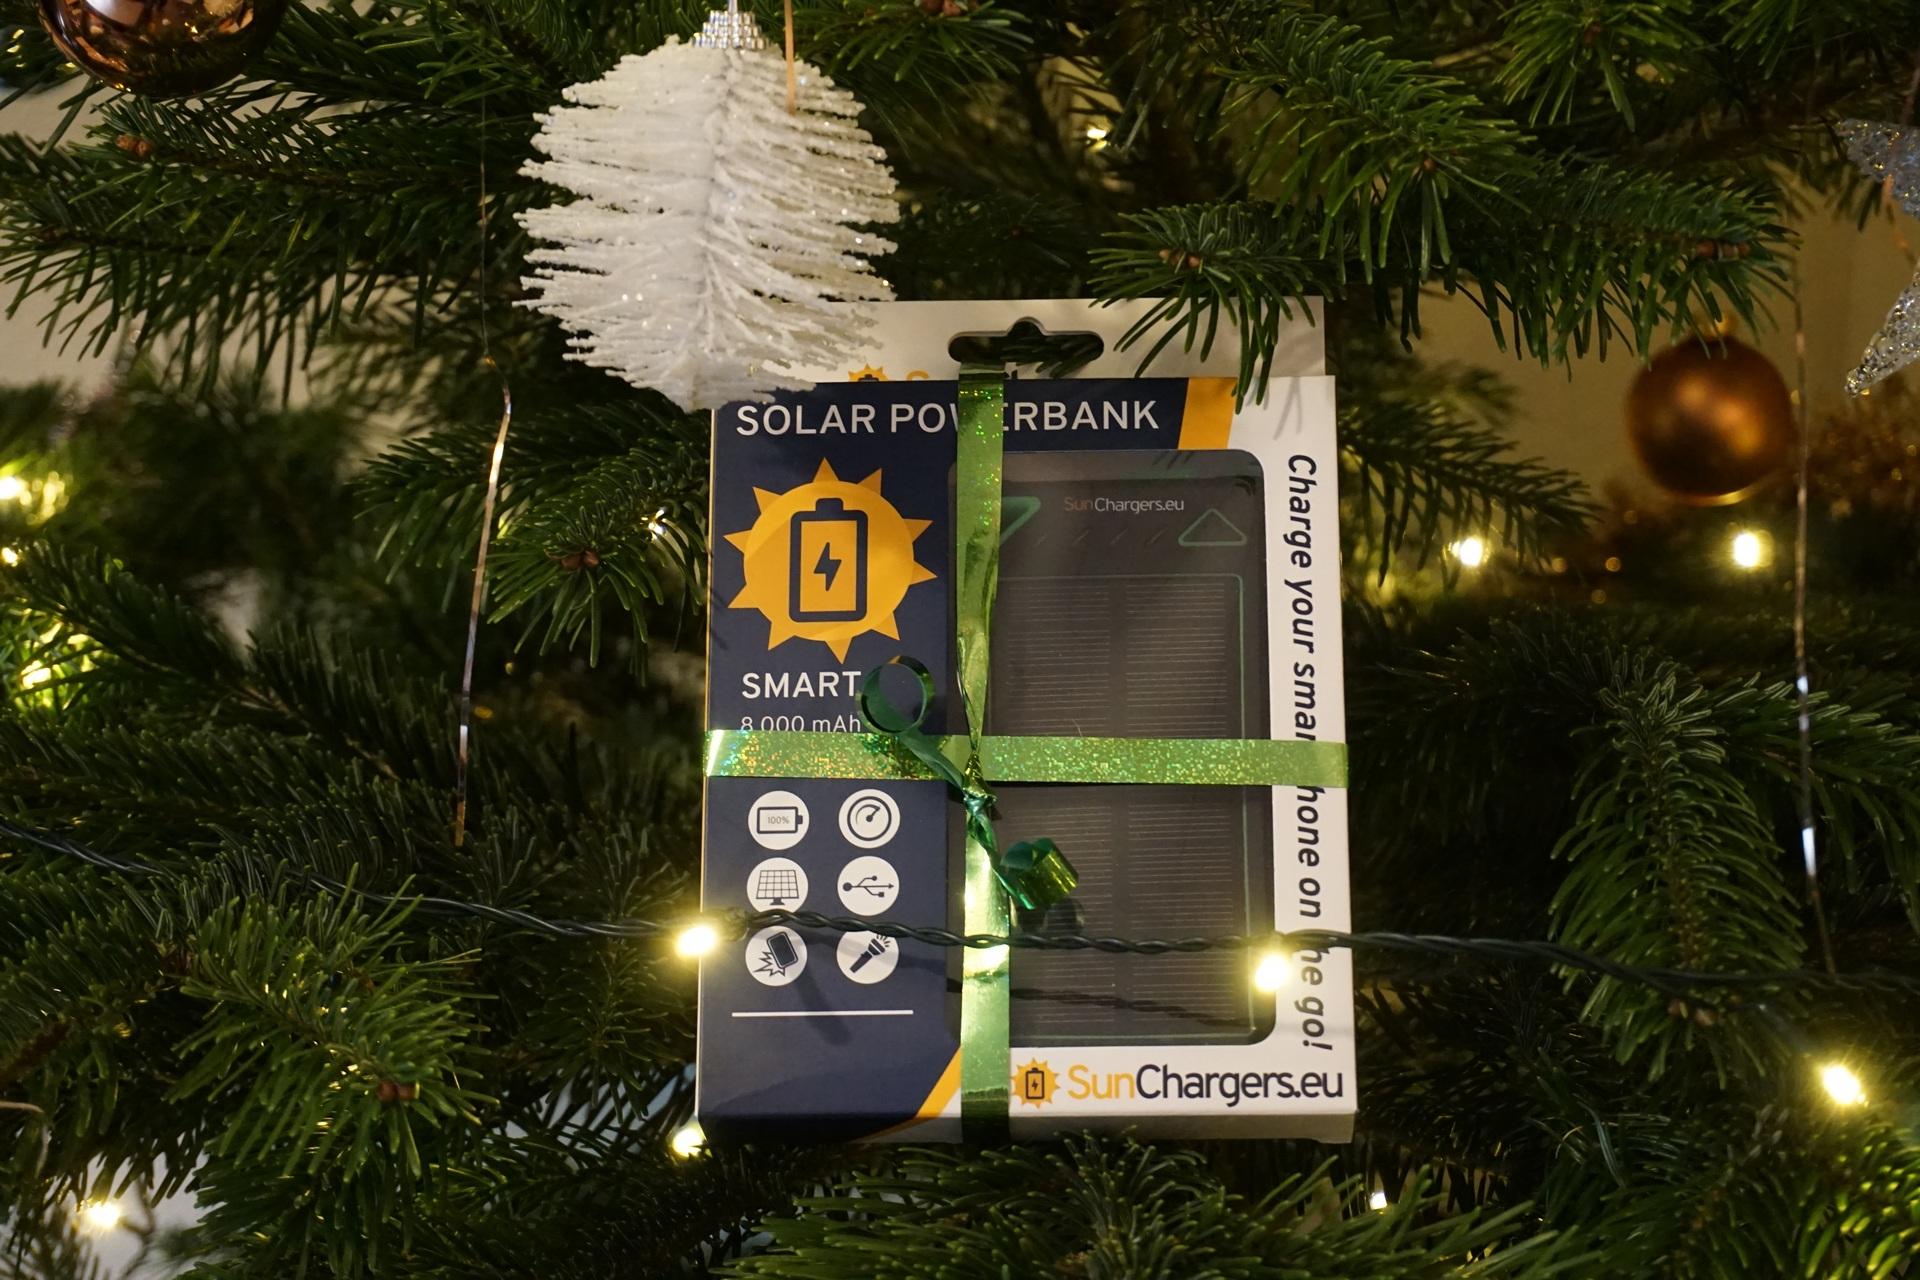 relatiegeschenk kerstpakket solar powerbank. Black Bedroom Furniture Sets. Home Design Ideas